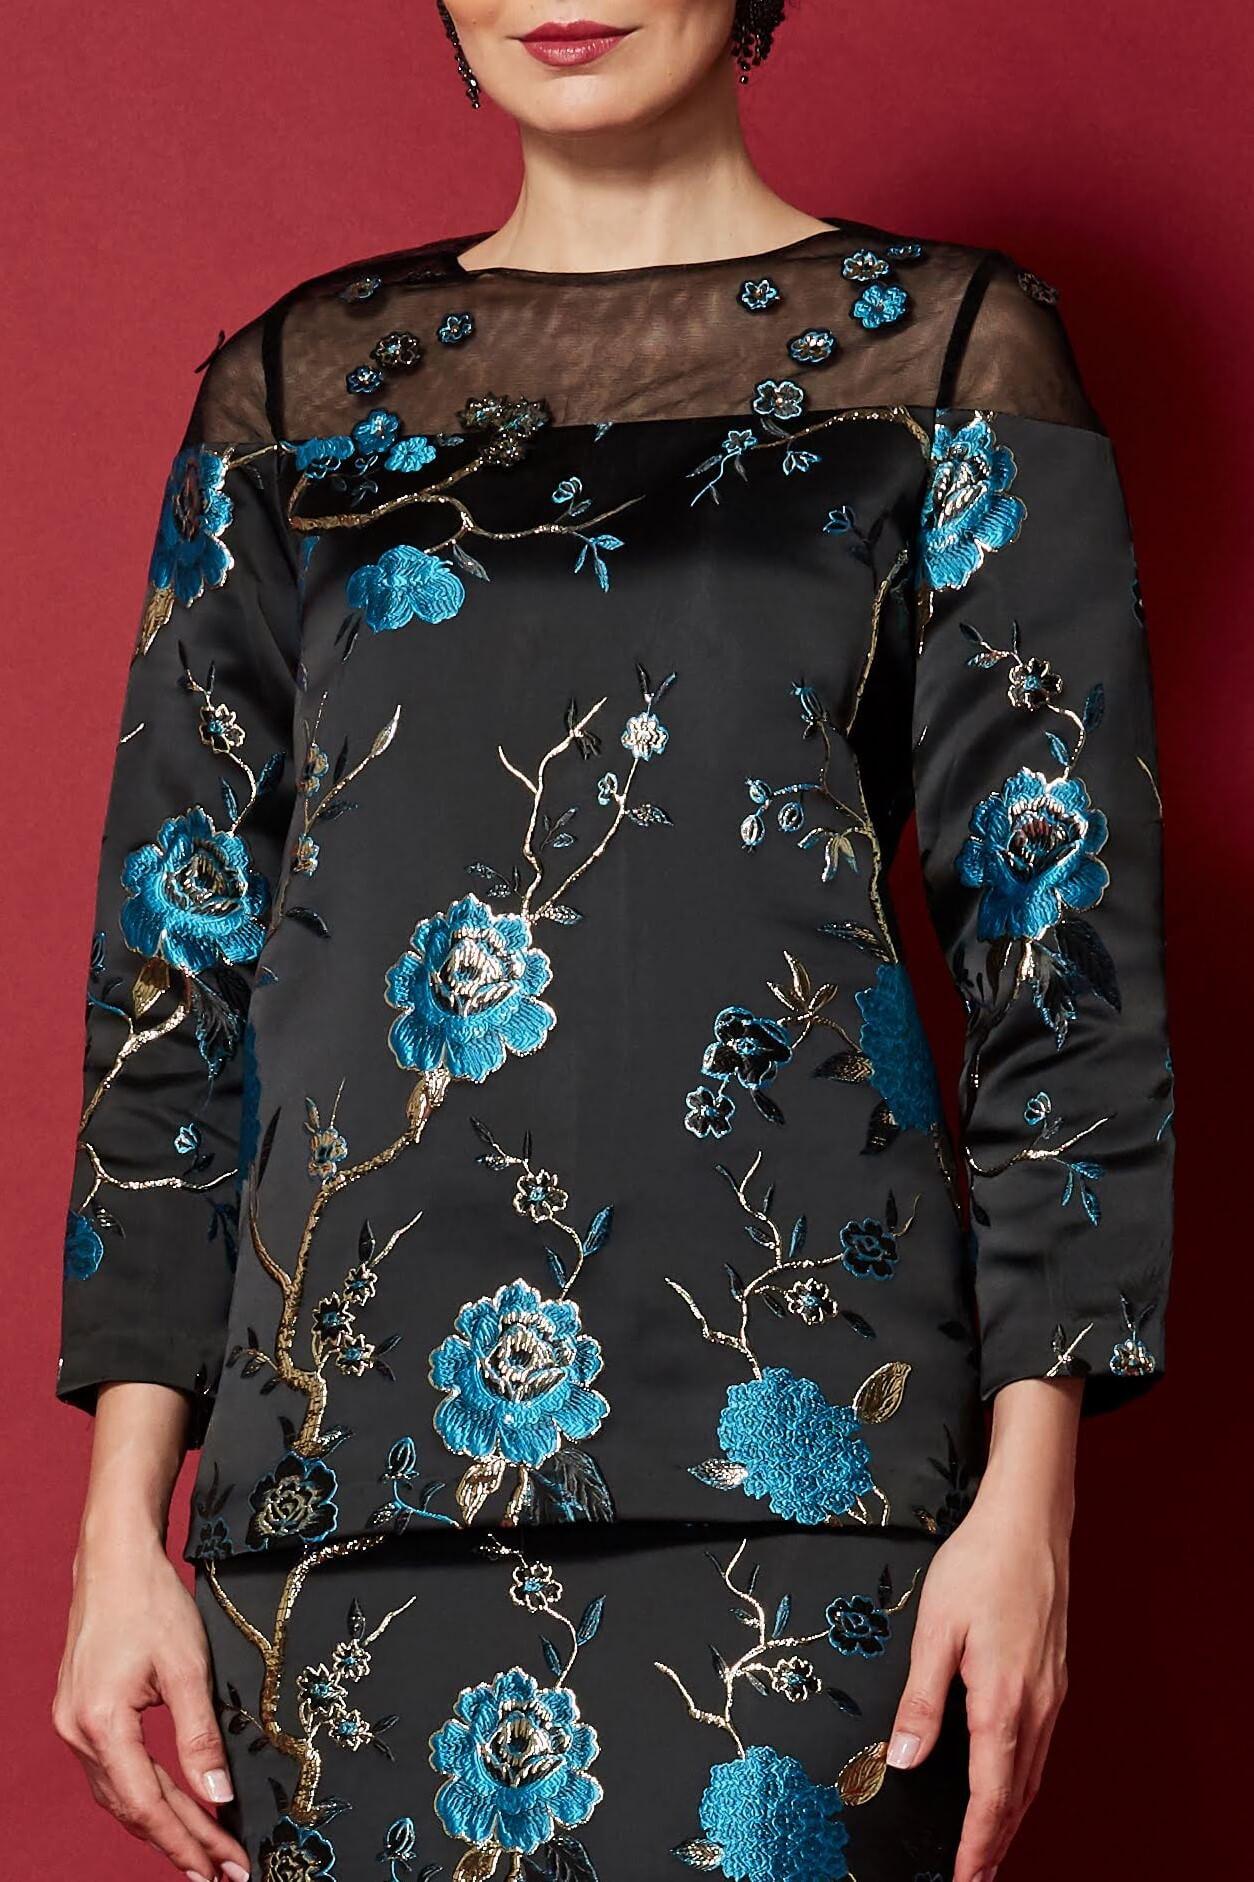 Black-Blue Floral Round Neck With See Through Neckline (2)